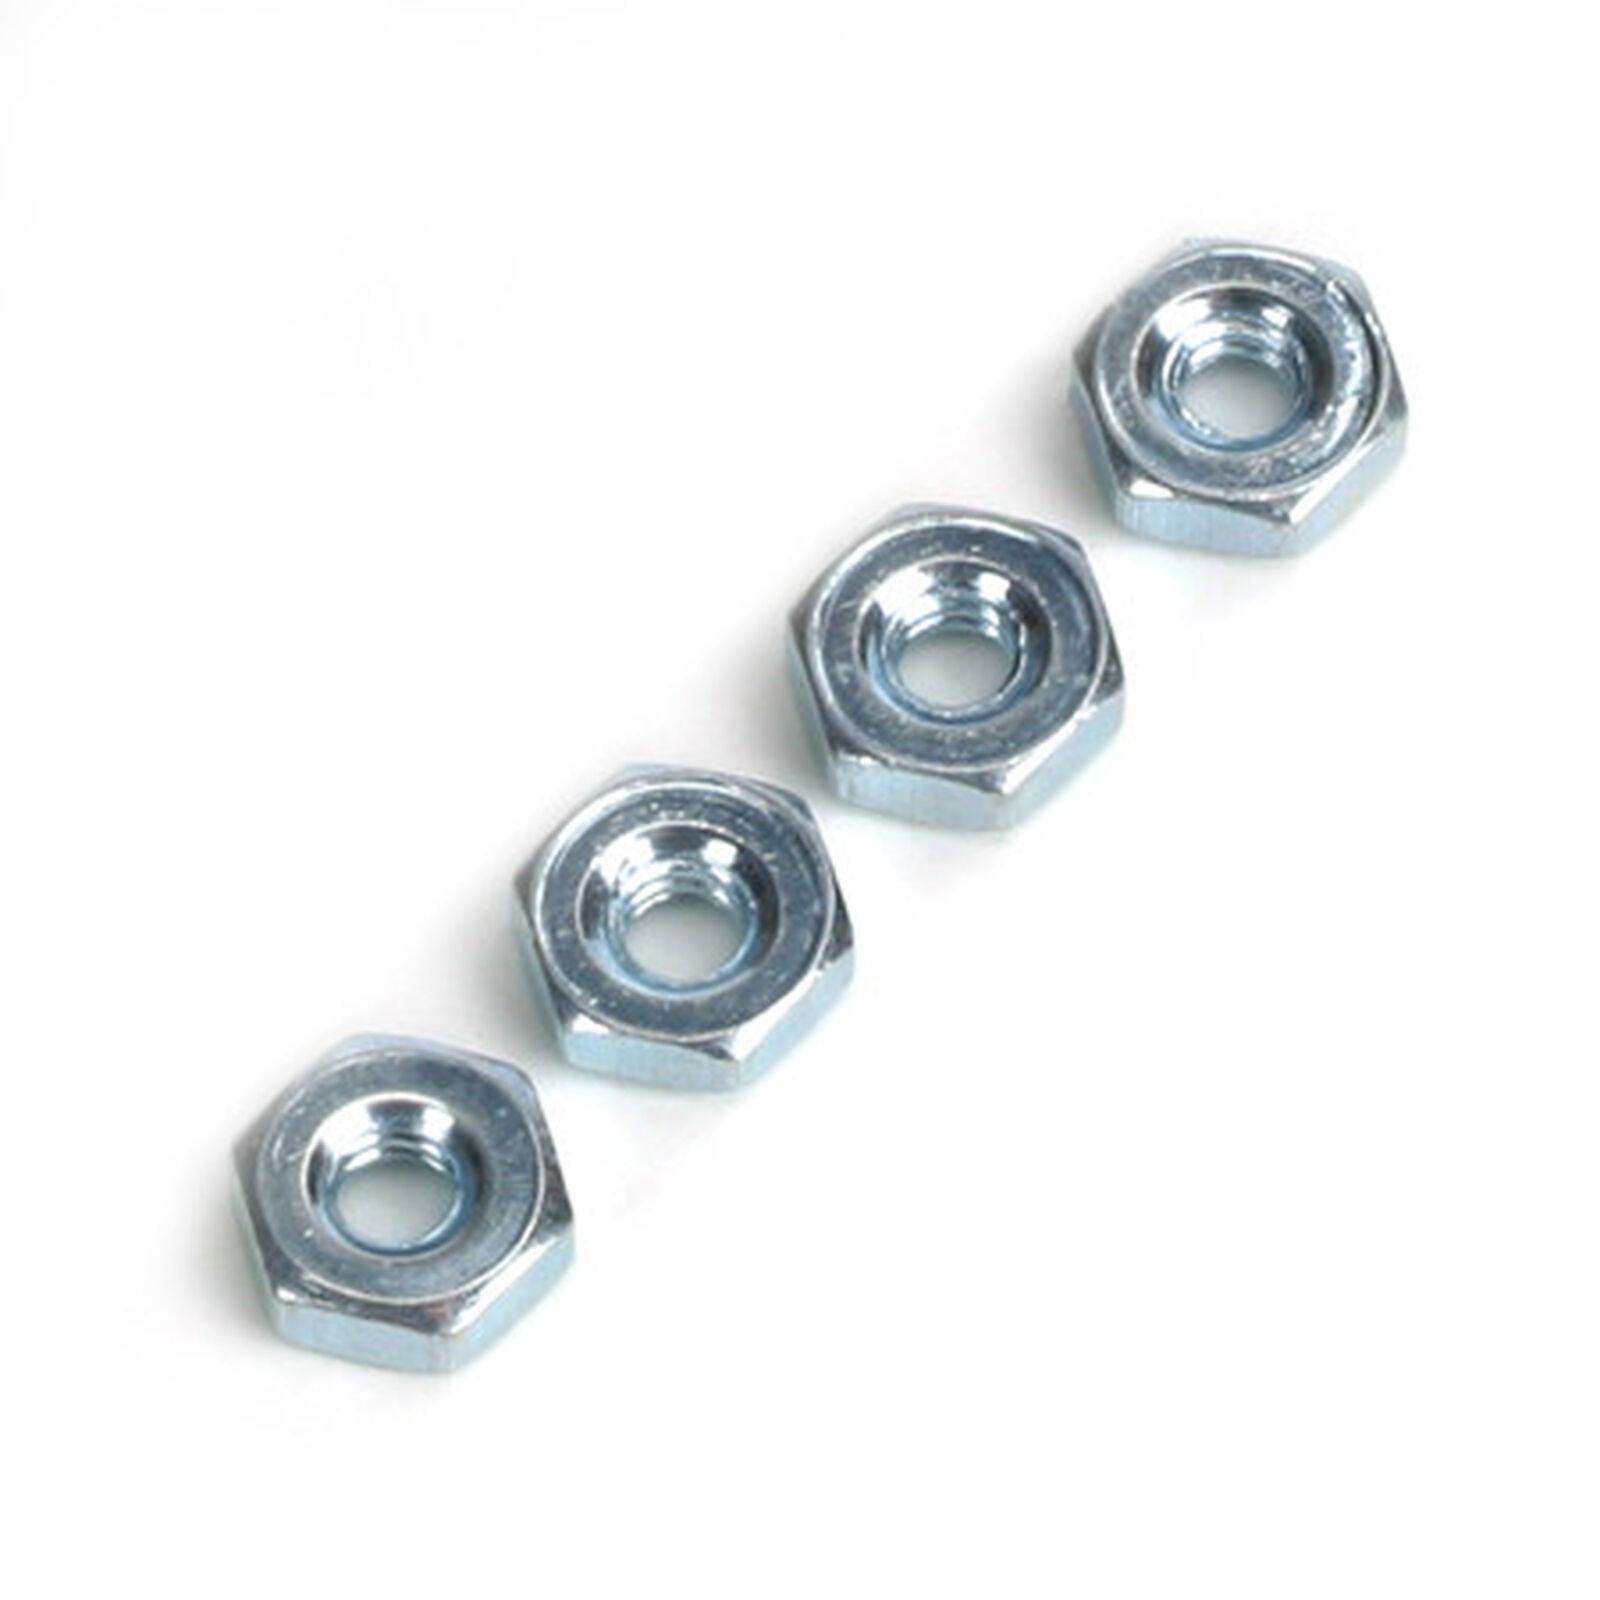 Steel Hex Nuts, 4-40